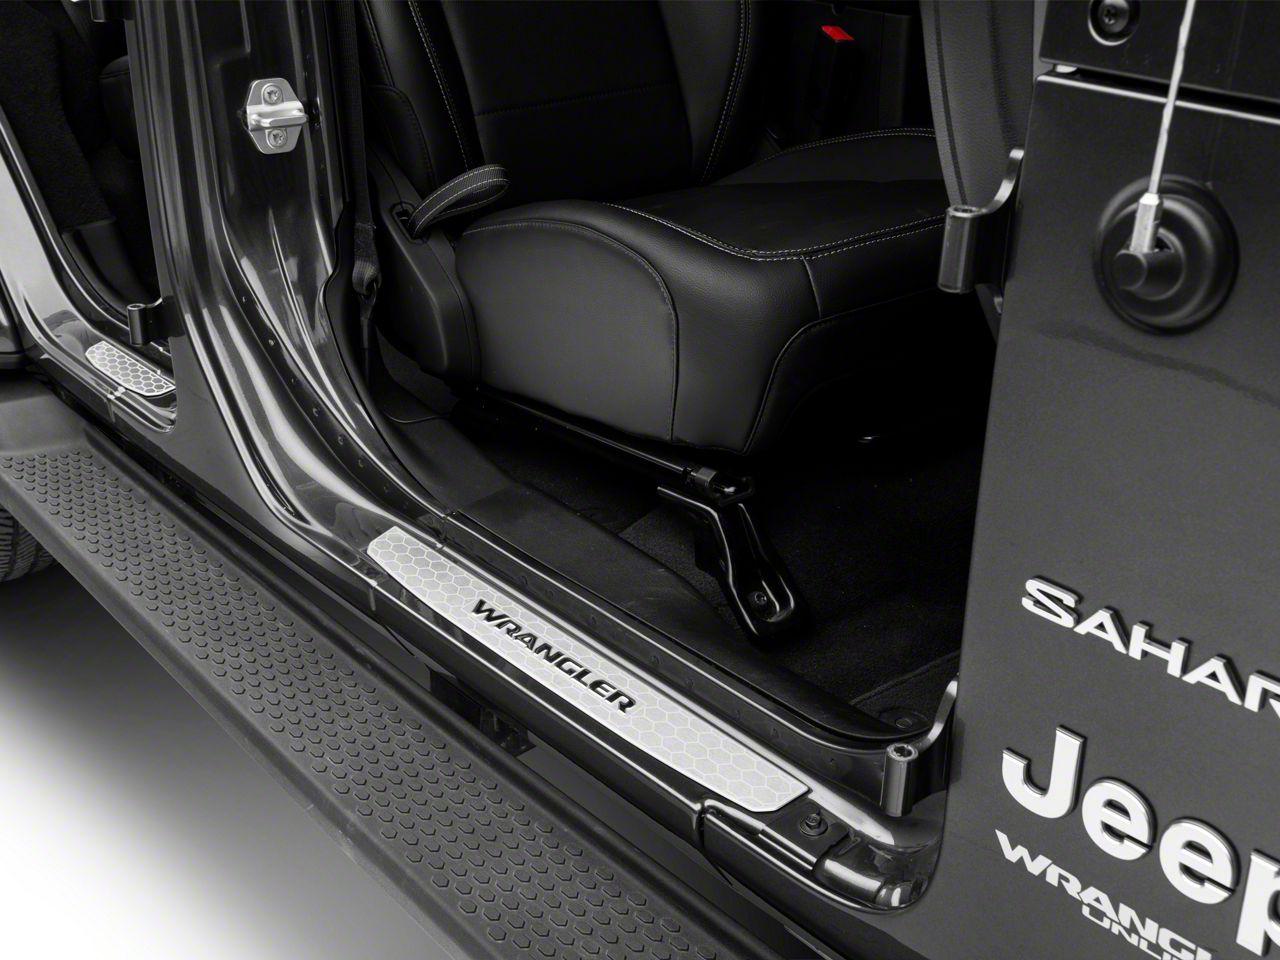 Mopar Door Sill Guards - Stainless Steel (18-19 Jeep Wrangler JL 4 Door)